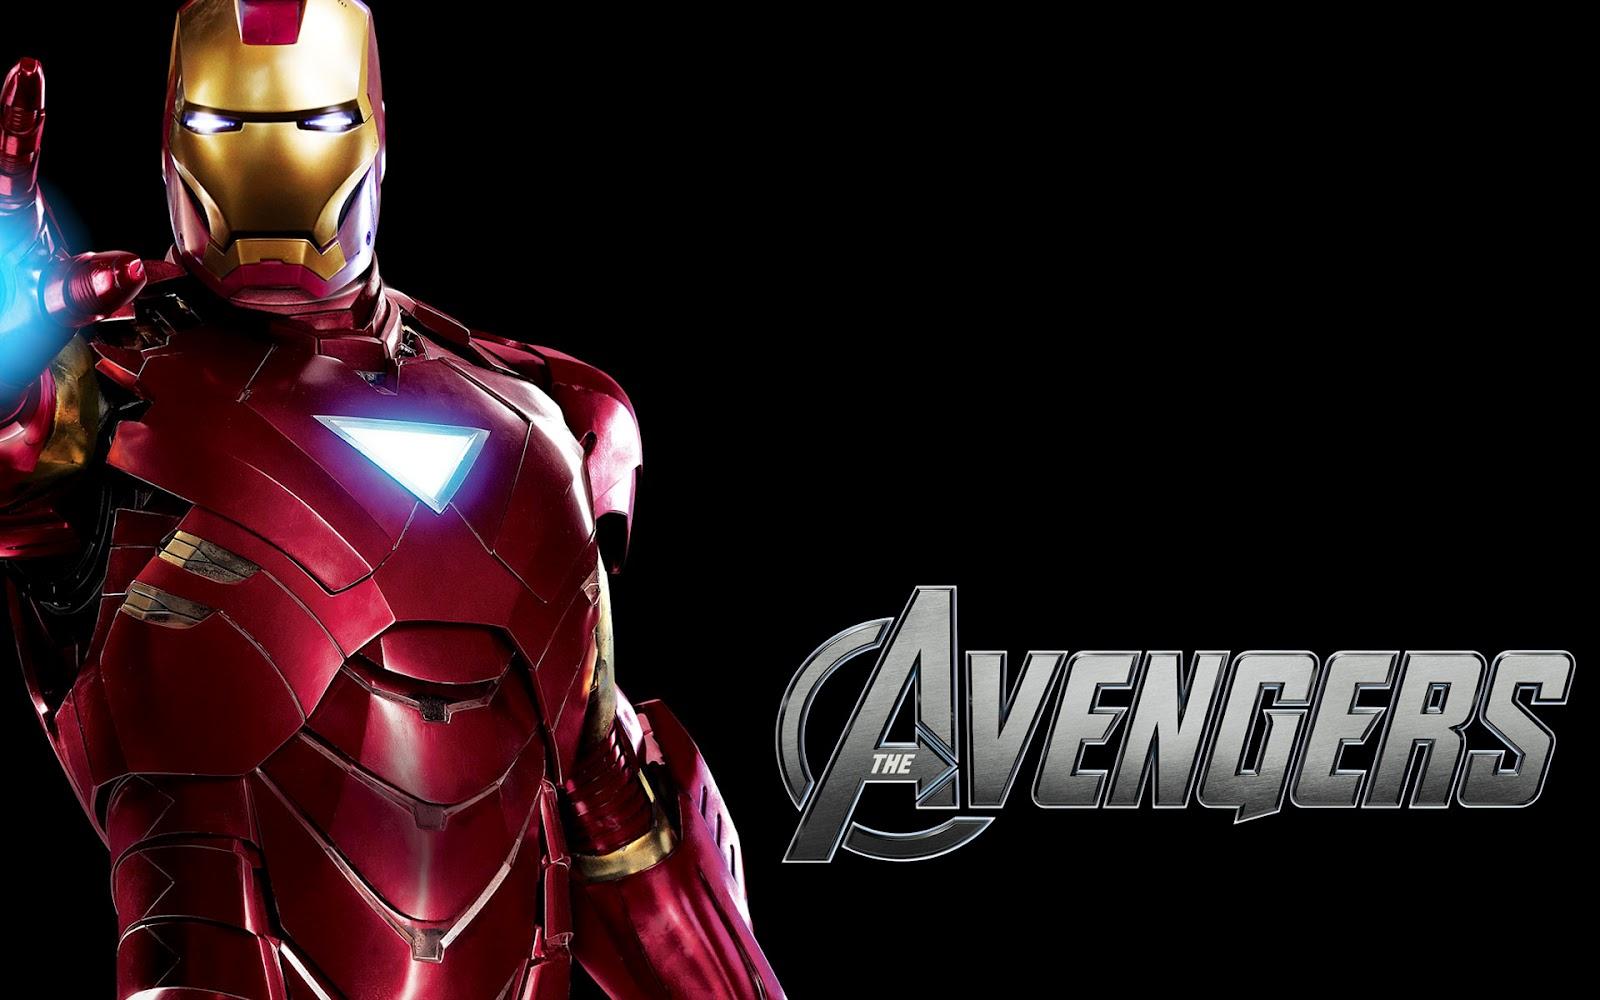 Avengers Wallpaper: The Avengers Wallpapers